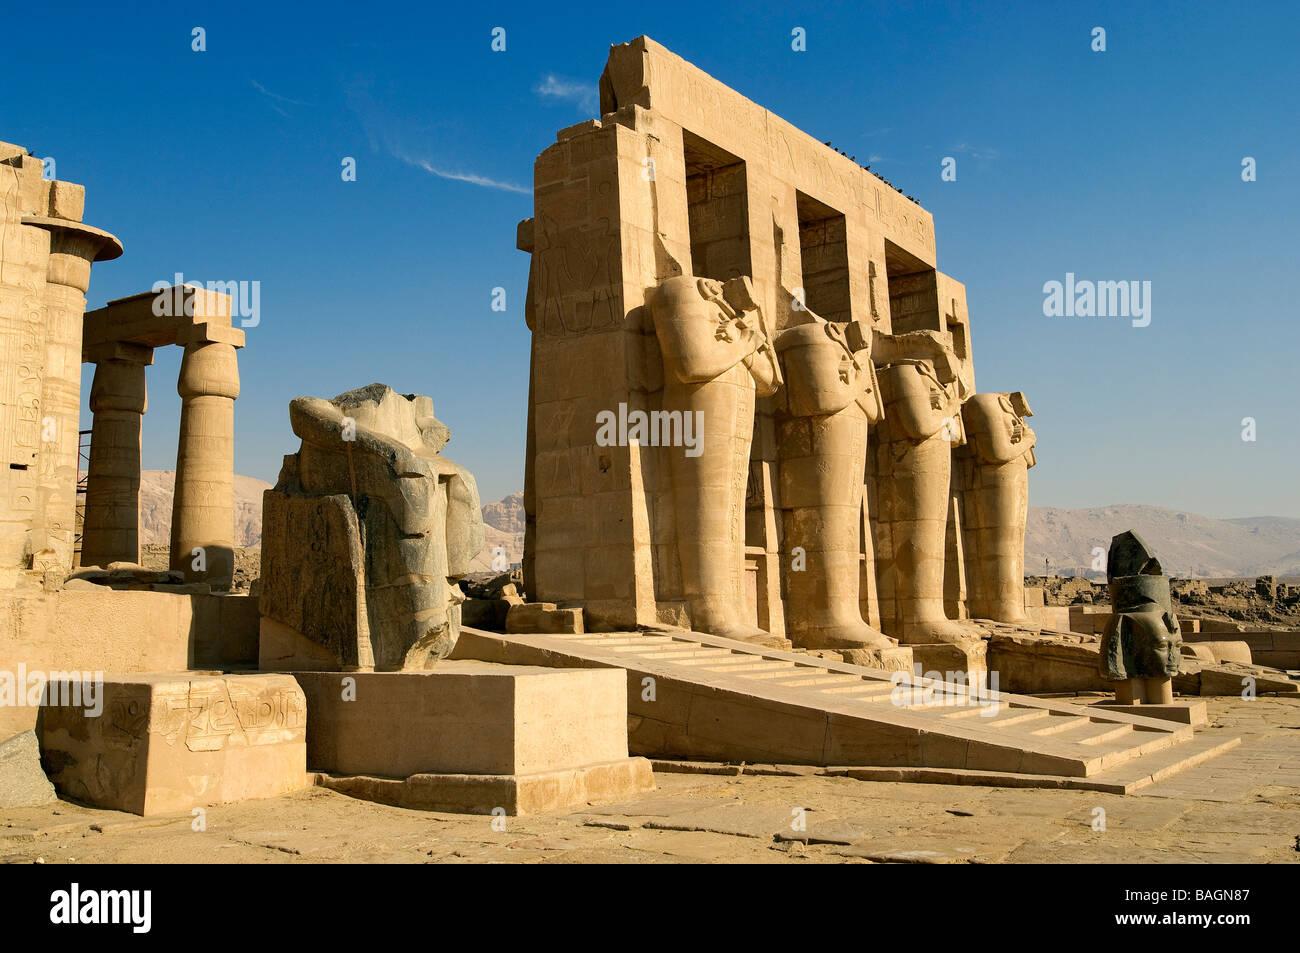 Egypt, Upper Egypt, Nile Valley, Surroundings Of Luxor